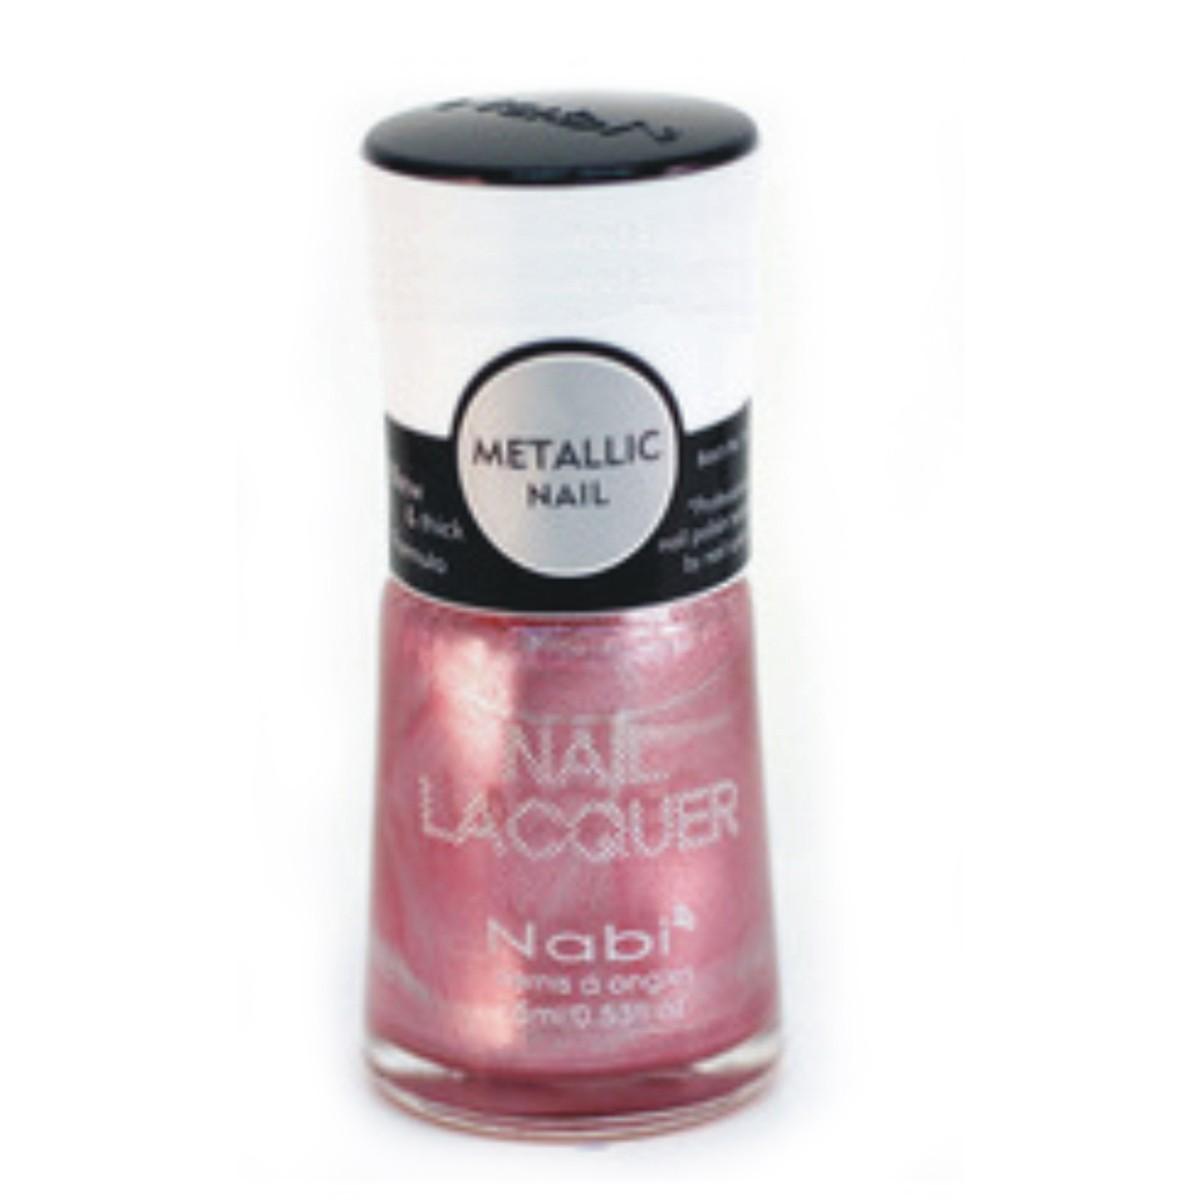 Esmalte Metálico Nabi, Alto Brillo nuevos colores tendencia